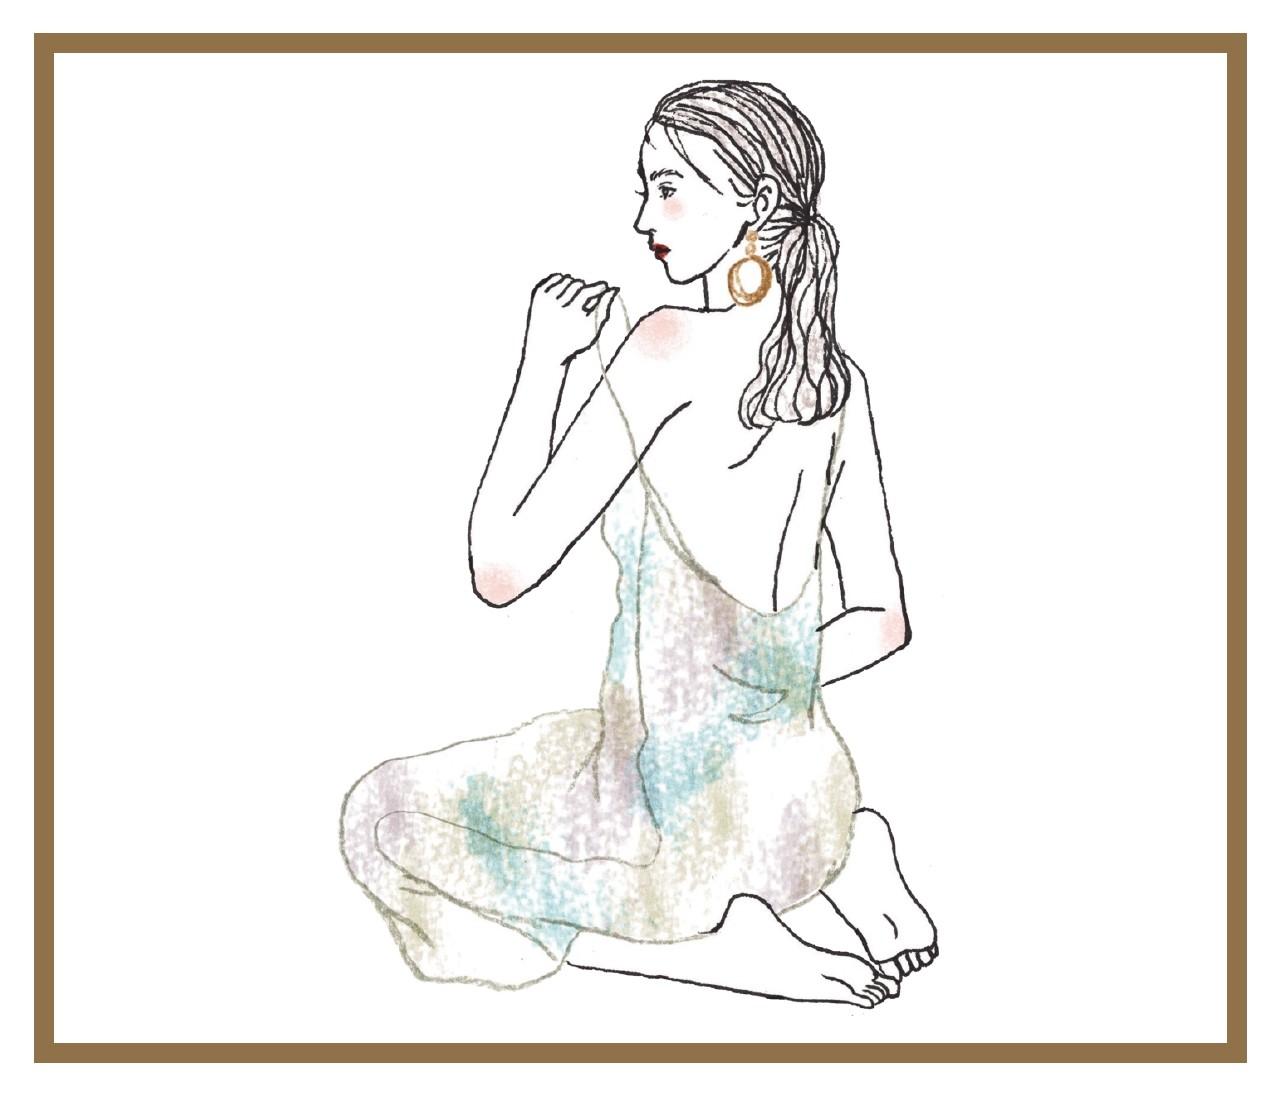 【乙女座】鏡リュウジの星座占い(2020年下半期)